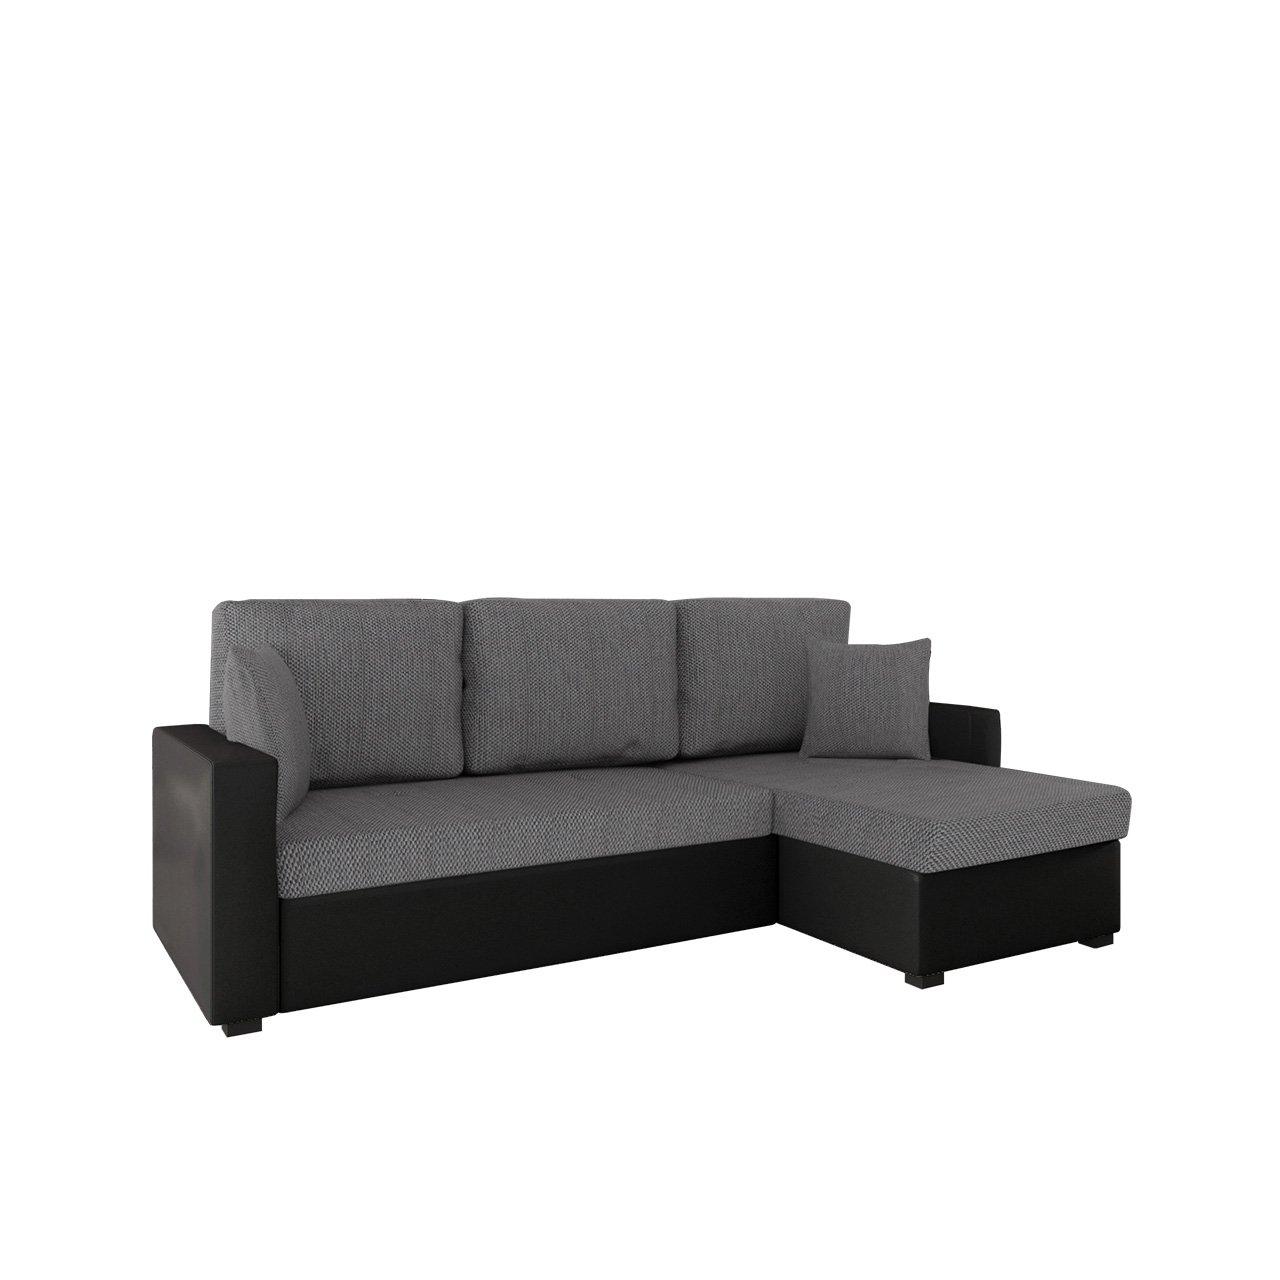 Außergewöhnlich Sofa Mit Schlaffunktion Und Bettkasten Foto Von 61lzuhawell._sl1280_.jpg